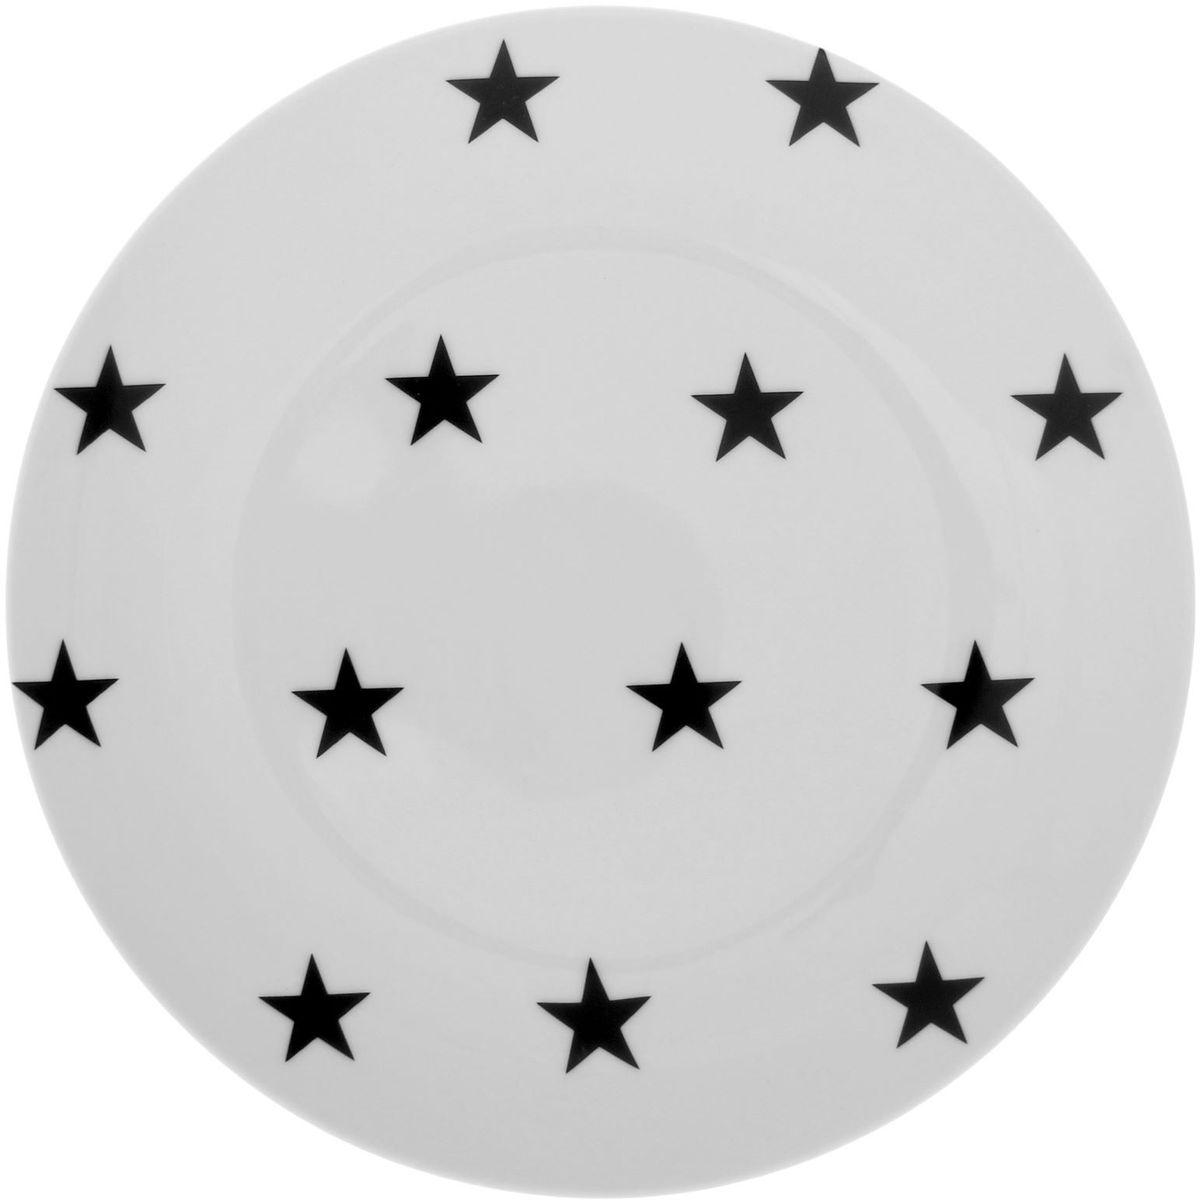 Тарелка мелкая Сотвори чудо My Little Star Sans Brides, диаметр 20 см1563651Хотите обновить интерьер кухни или гостиной? Устраиваете необычную фотосессию или тематический праздник? А может, просто ищете подарок для близкого человека? Посуда Сотвори Чудо — правильный выбор в любой ситуации. Тарелка Сотвори Чудо, изготовленная из изящного фаянса нежного сливочного цвета, оформлена оригинальным рисунком со стойкой краской. Пригодна для посудомоечной машины.